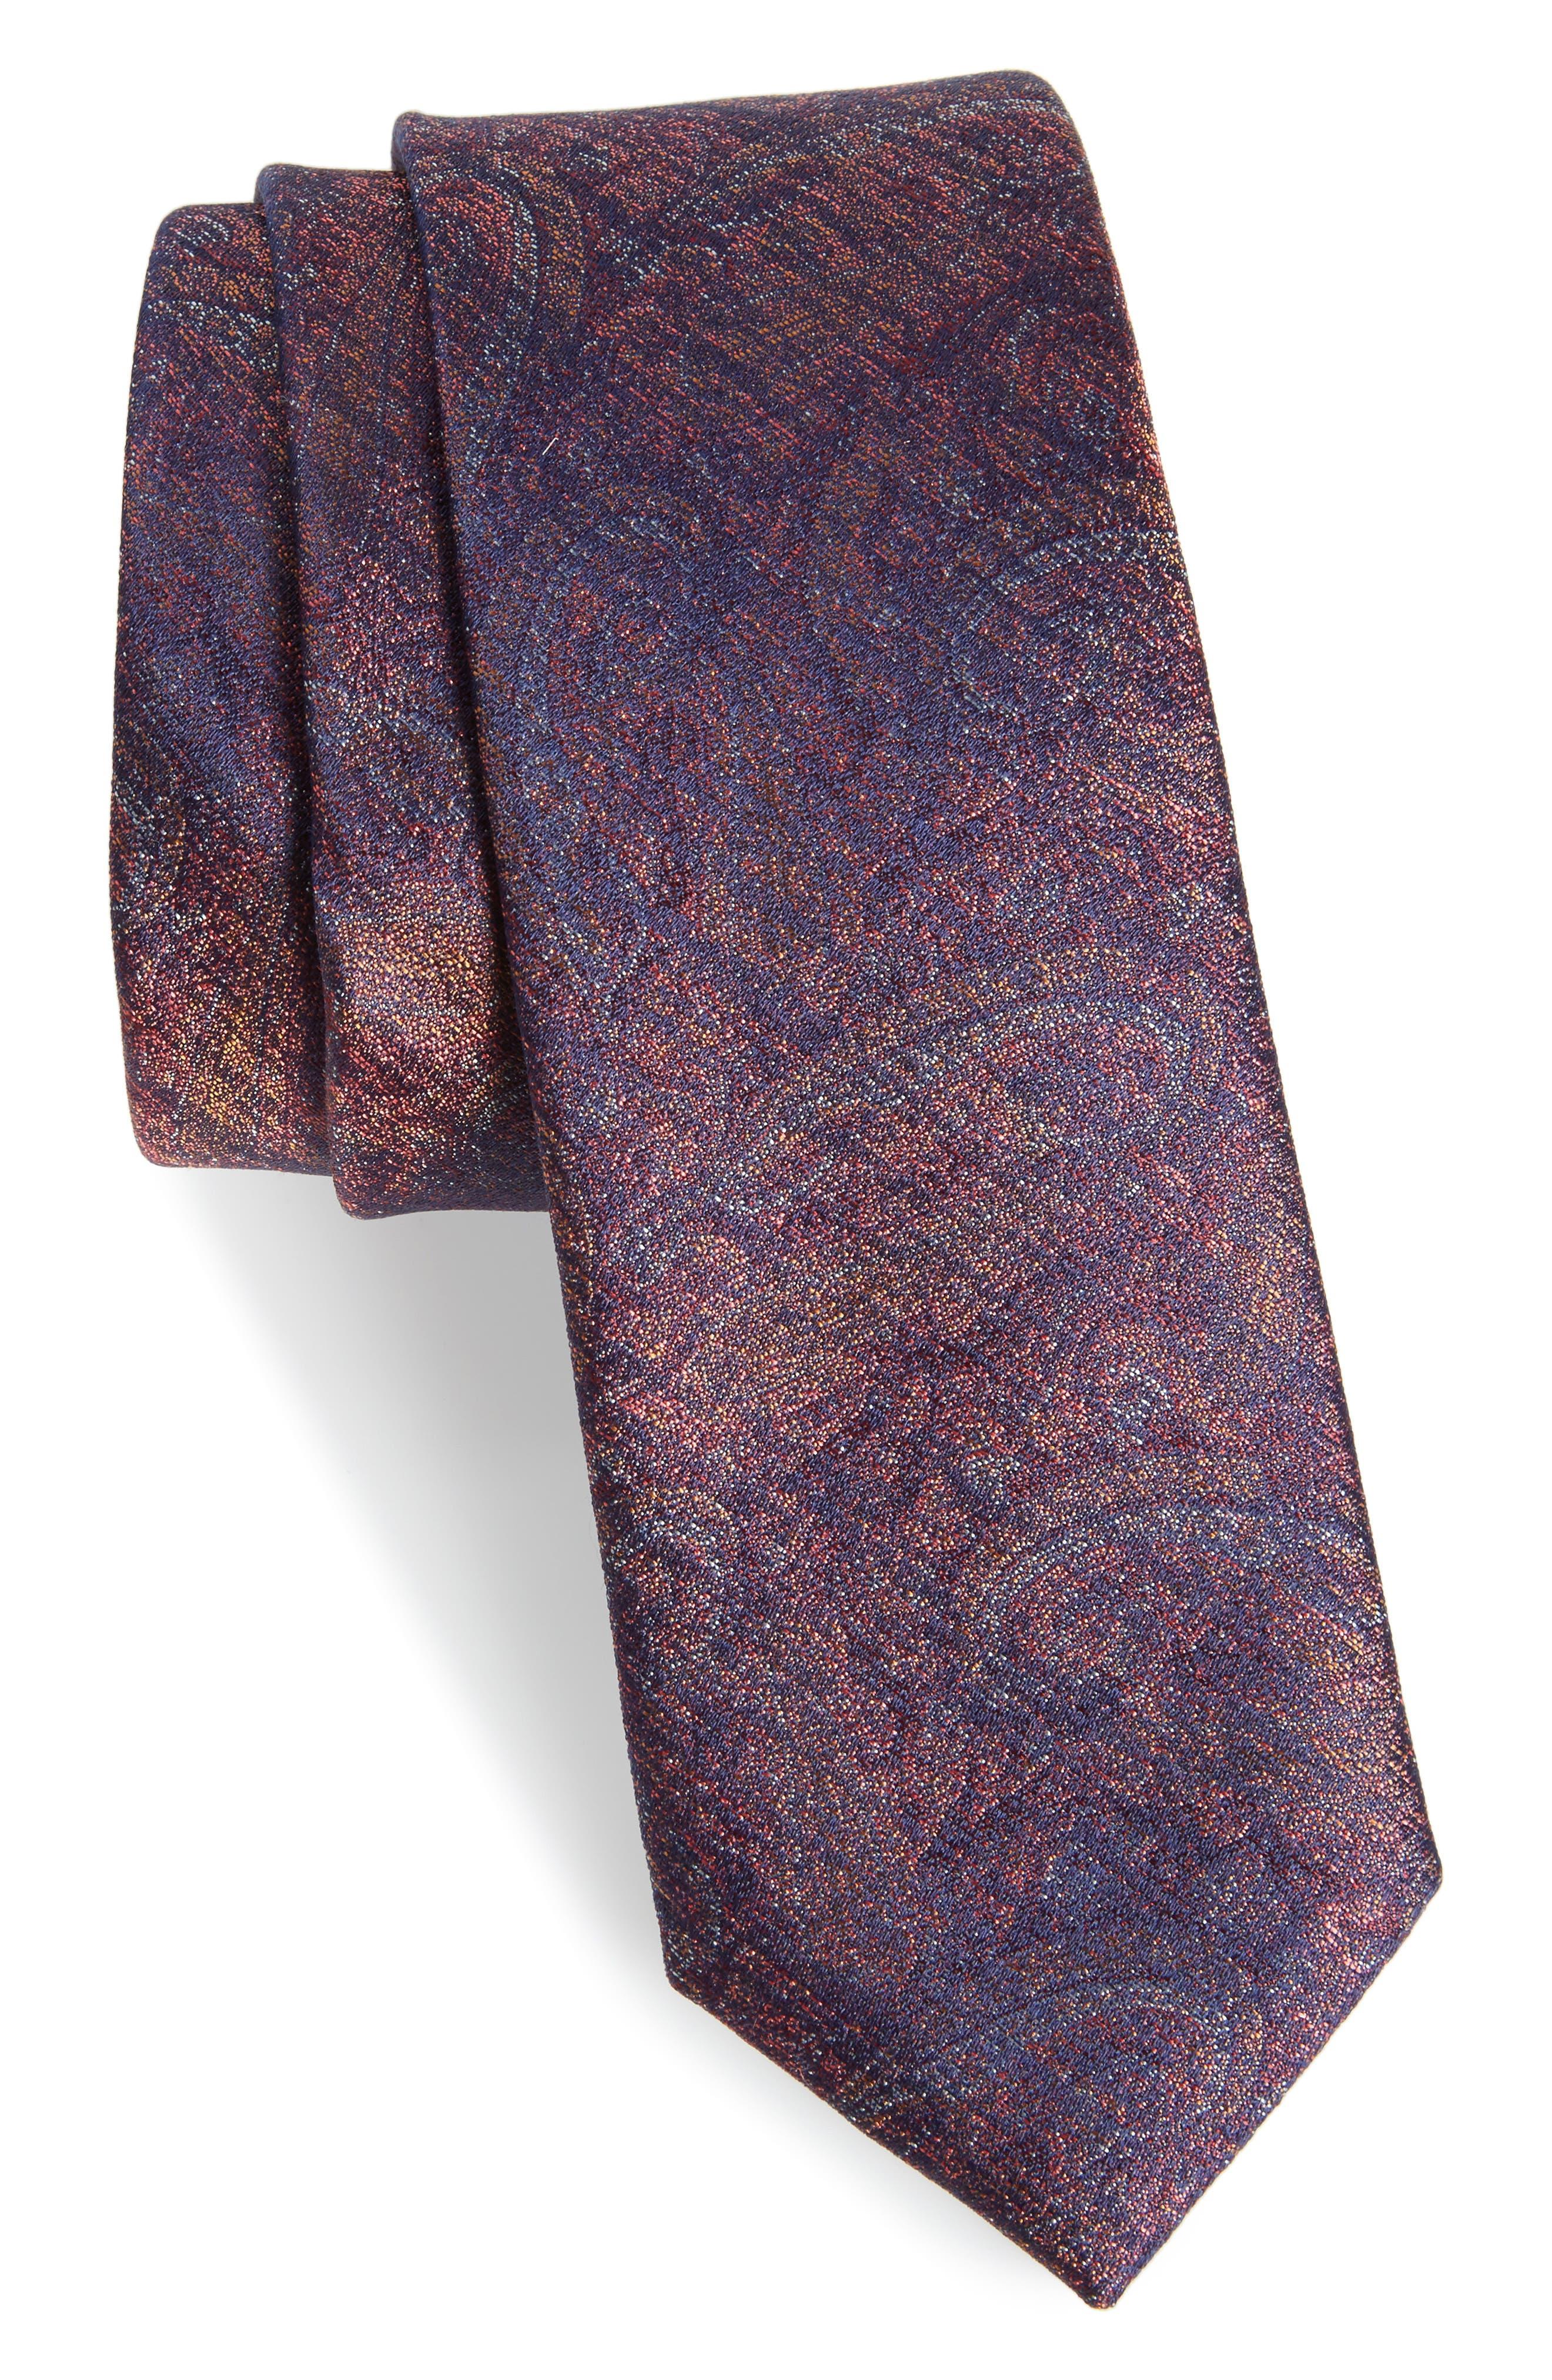 Alexander Paisley Silk Tie,                         Main,                         color, 220